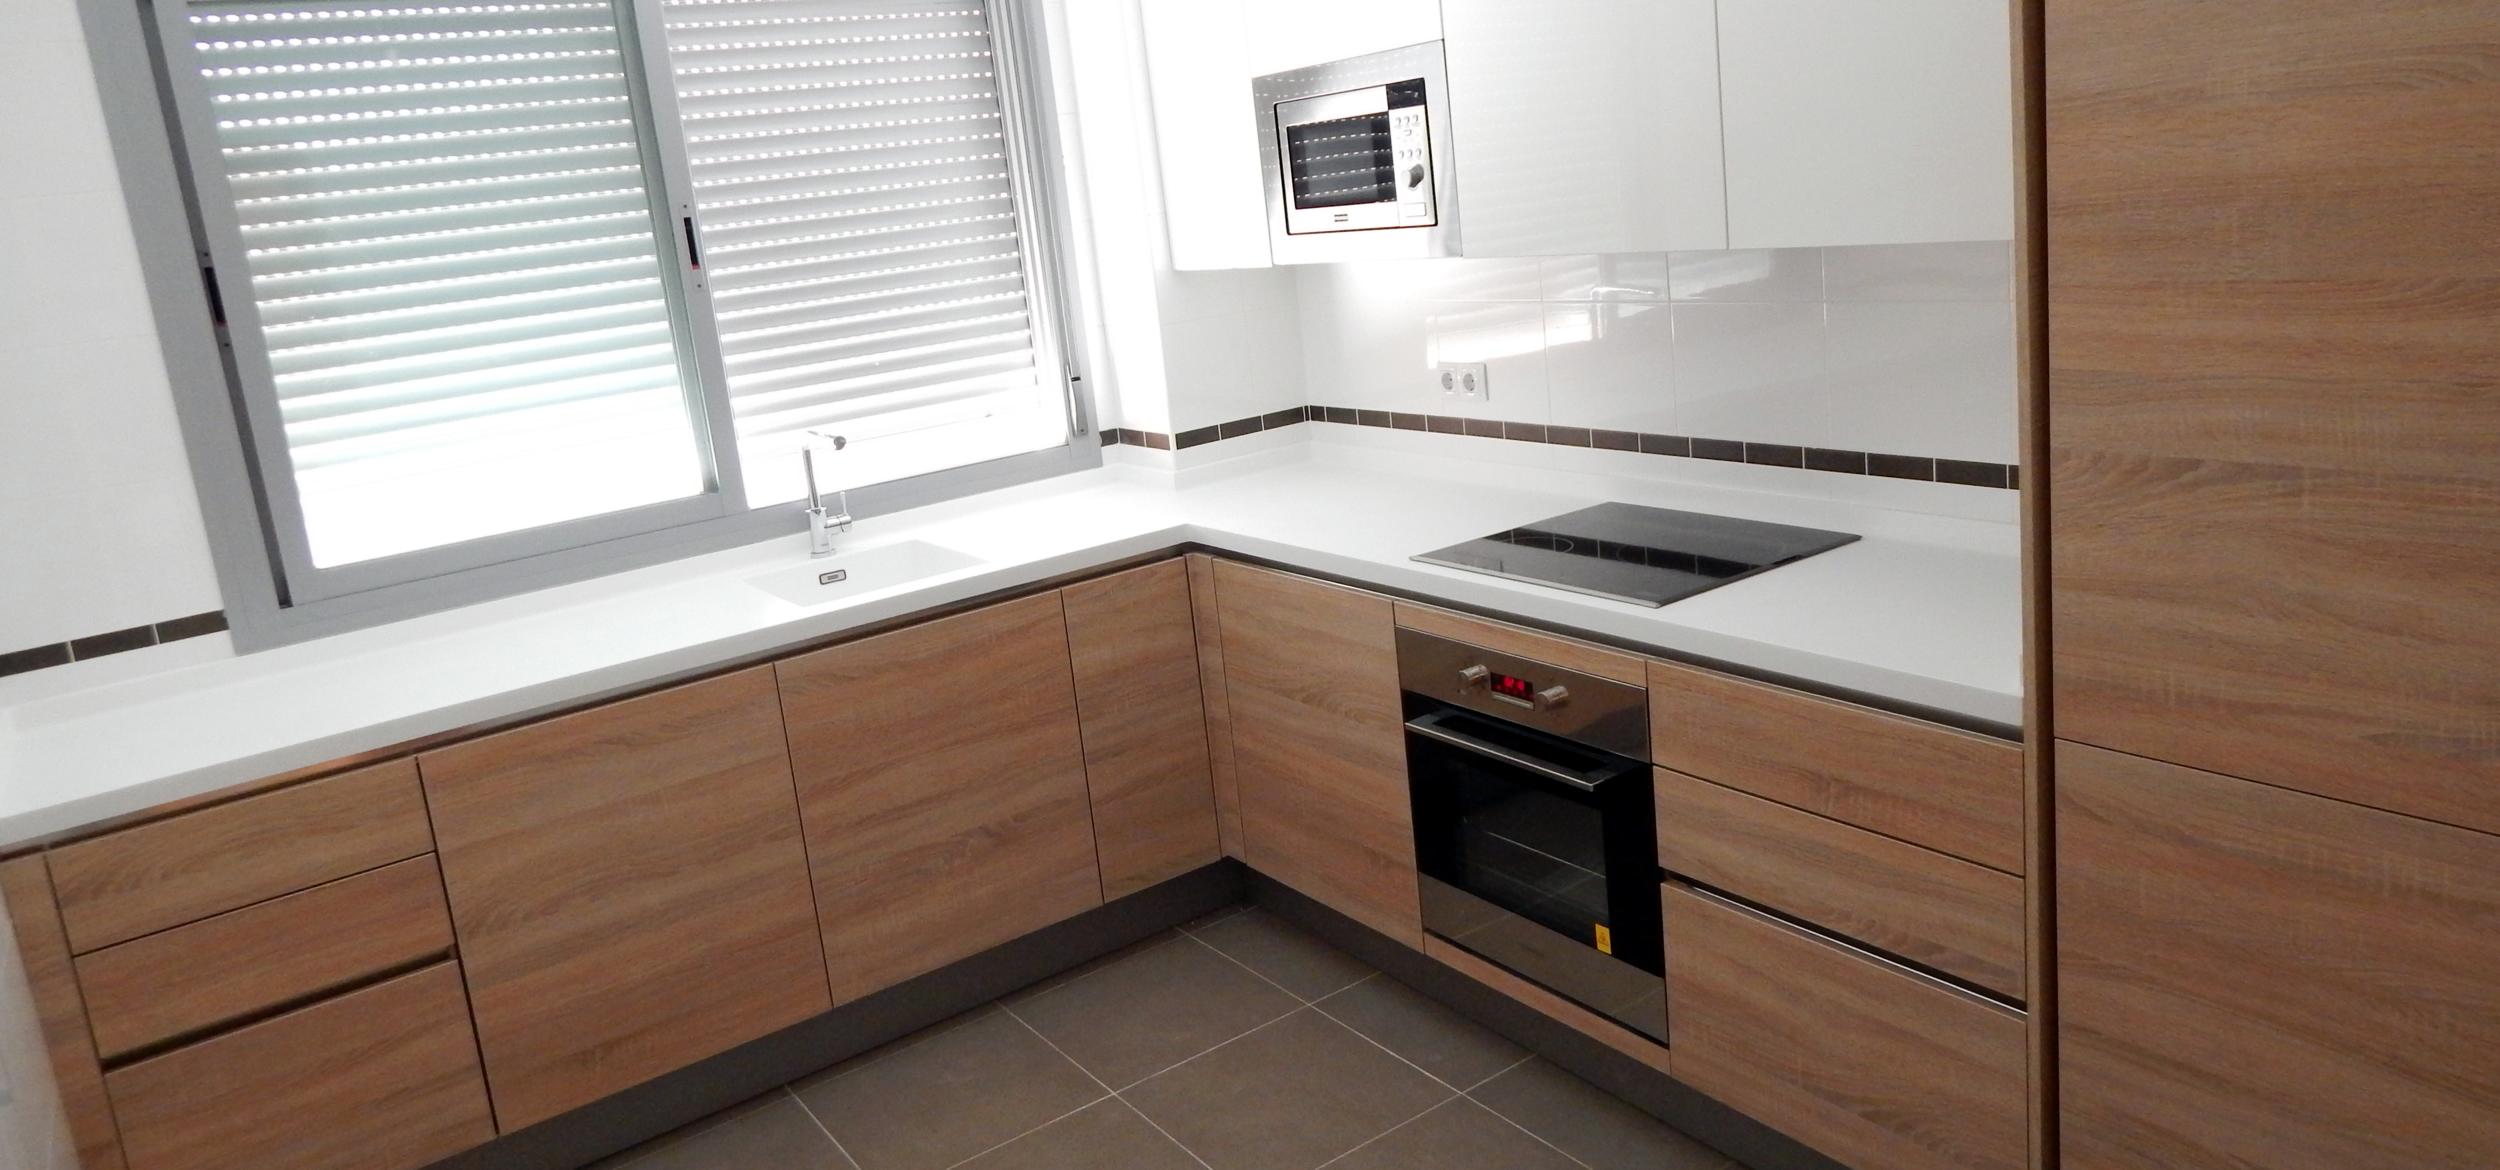 Muebles de cocina sin tiradores - Tiradores de puertas de cocina ...